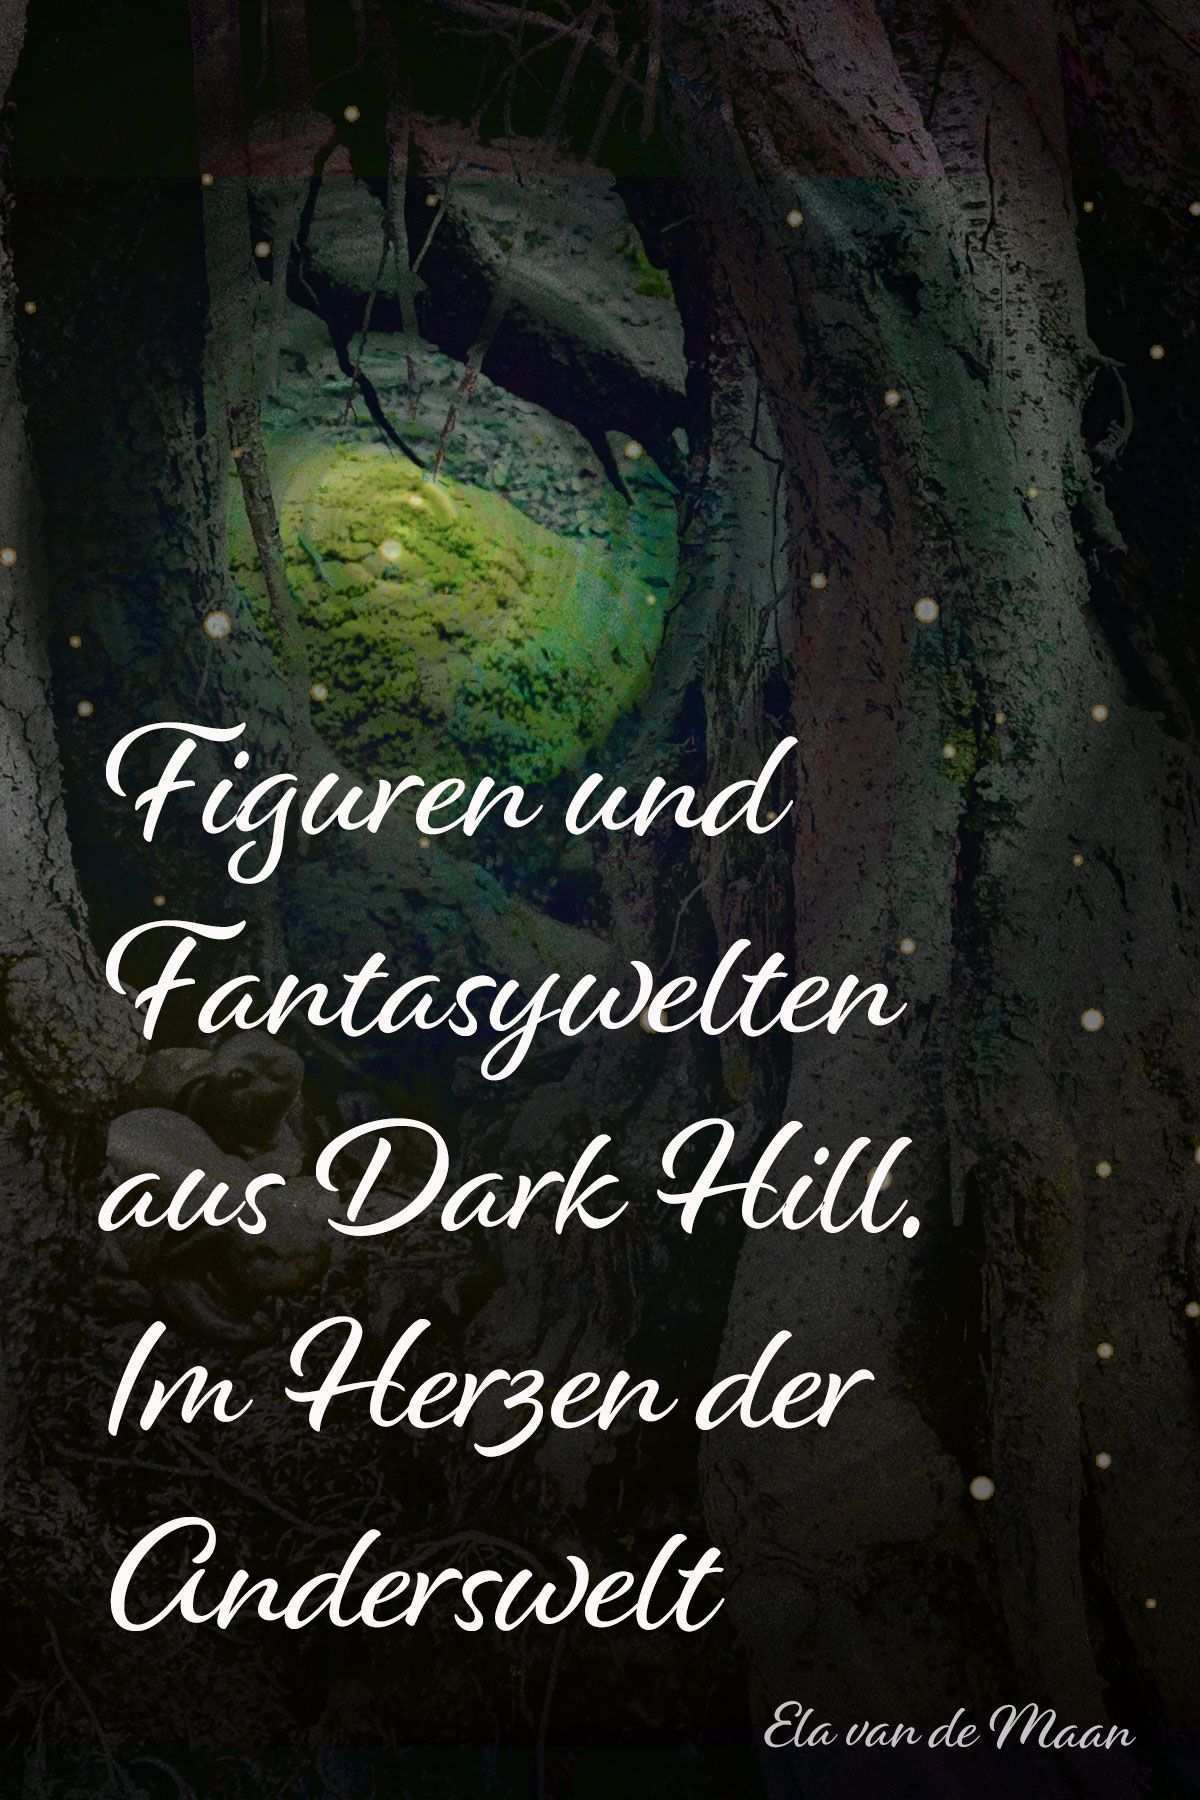 Fantasywelten Und Figuren Aus Dark Hill Im Herzen Der Anderswelt Blogpost Von Ela Van De Maan In 2020 Fantasy Geschichten Moderne Marchen Fantasy Bucher